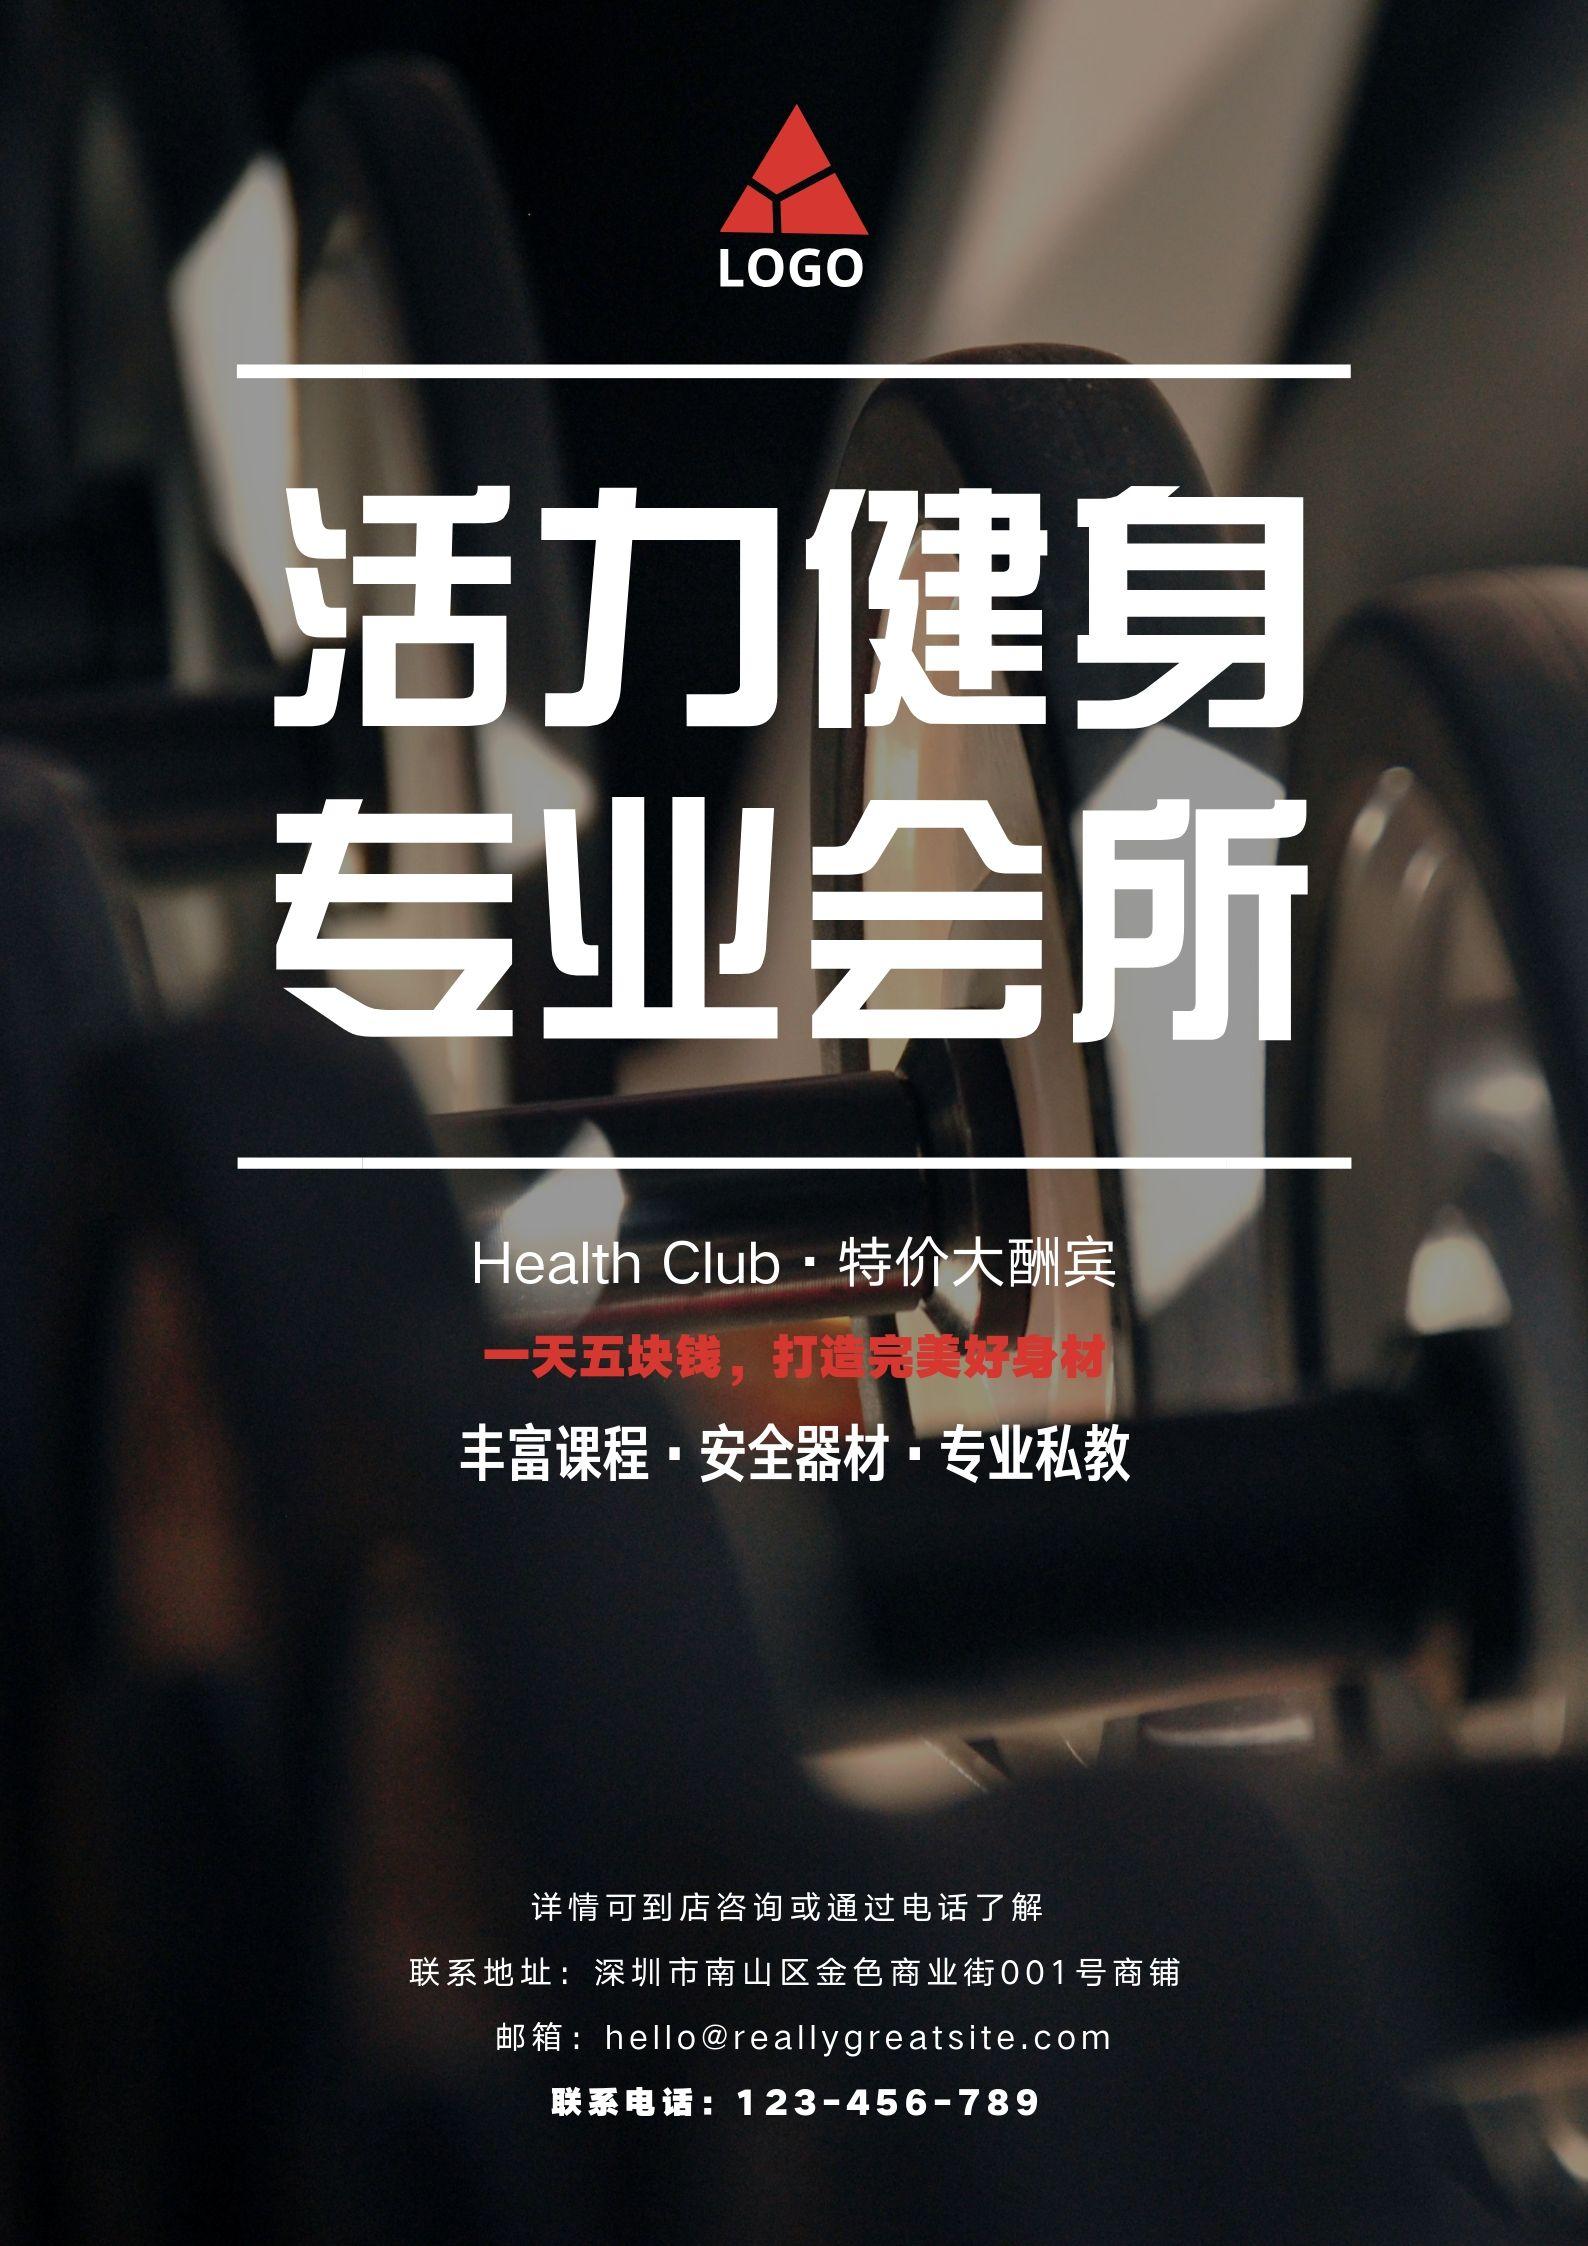 全民健身日图片设计模板_健身海报宣传单易拉宝设计制作_健身计划表设计素材 - 设计类型 - Canva中国